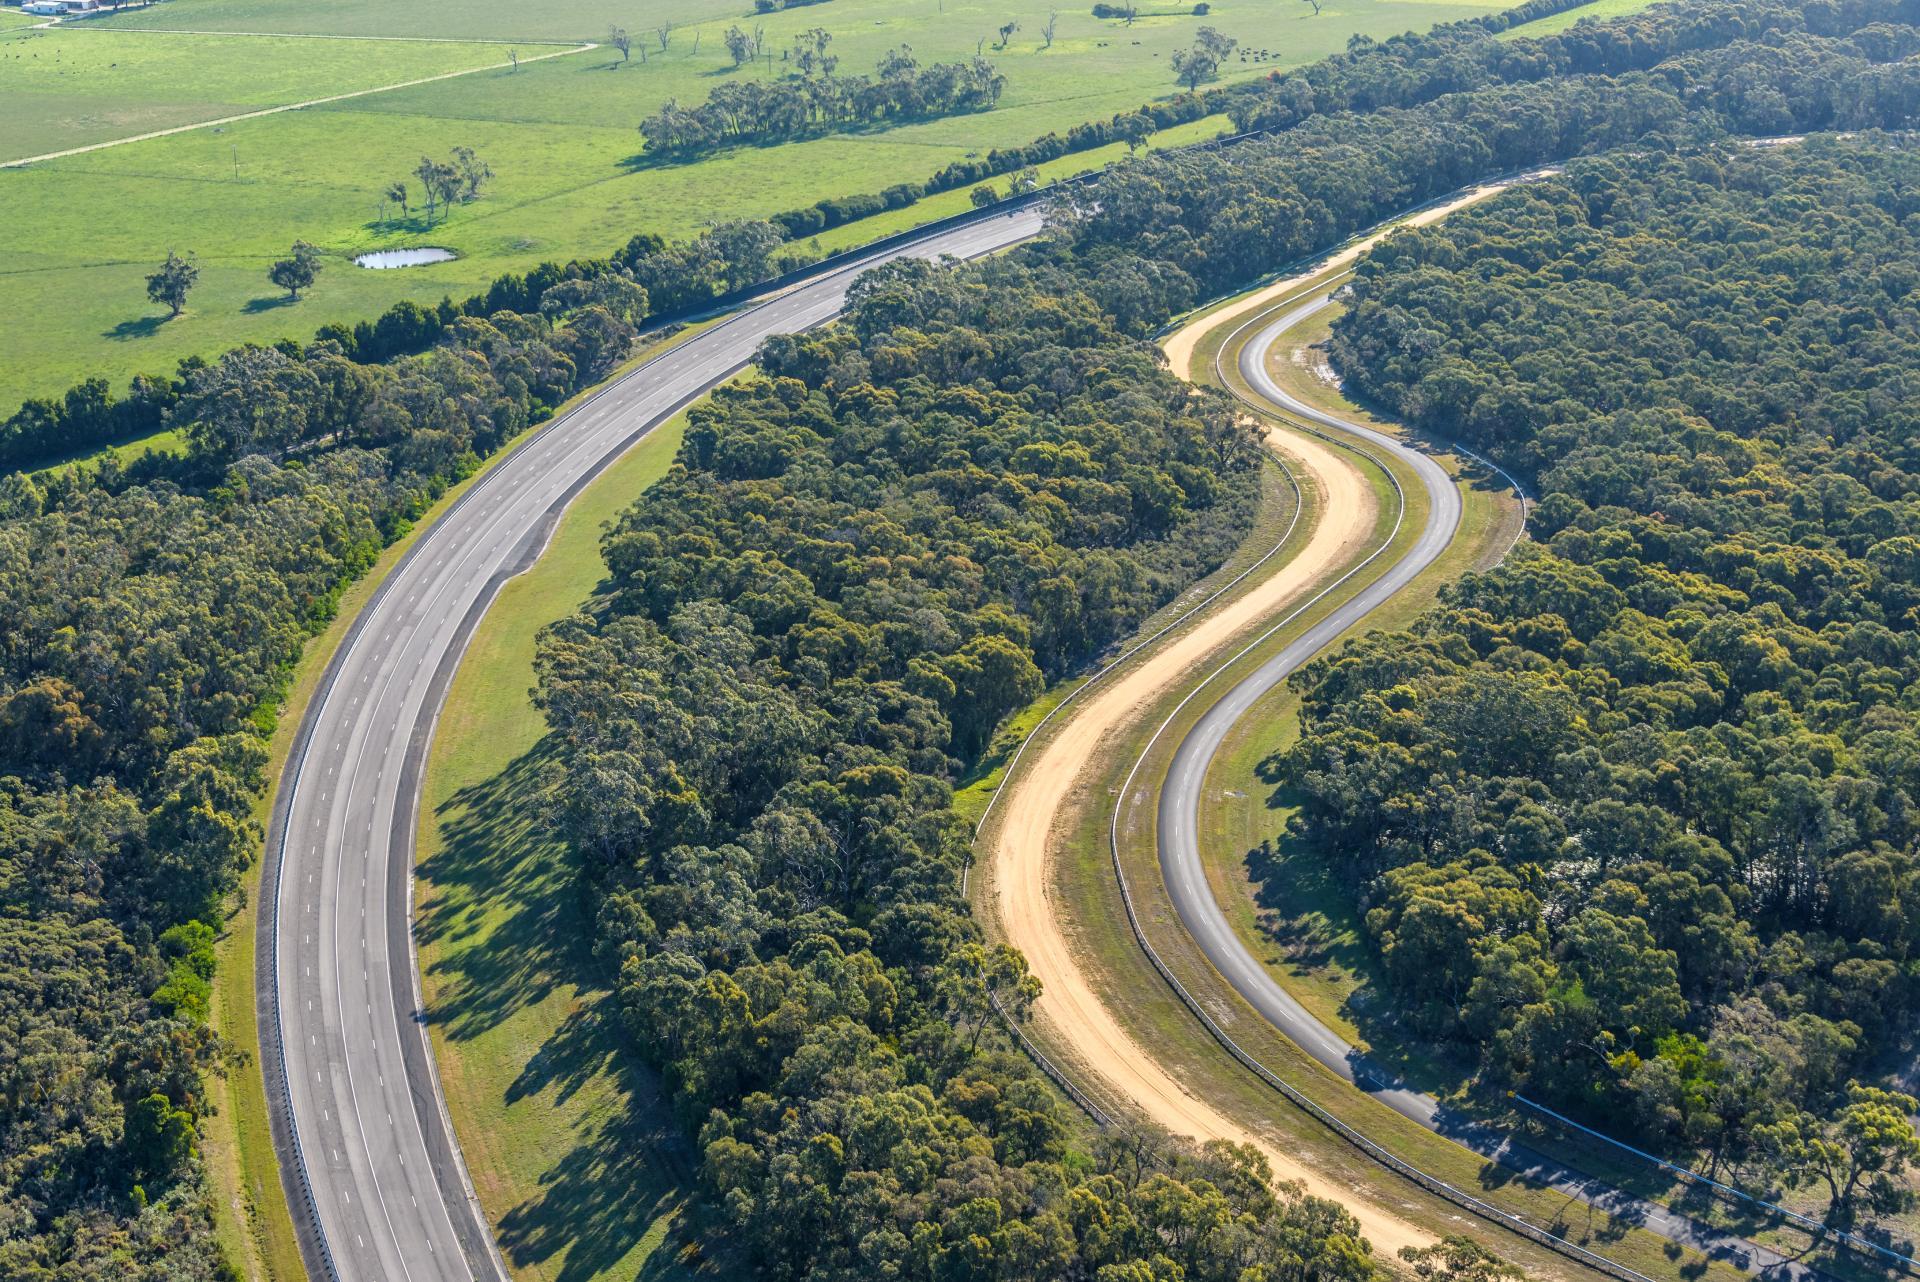 VinFast chính thức mua lại trung tâm thử nghiệm ô tô của GM tại Úc – Bàn đạp đưa hãng xe Việt ra thế giới